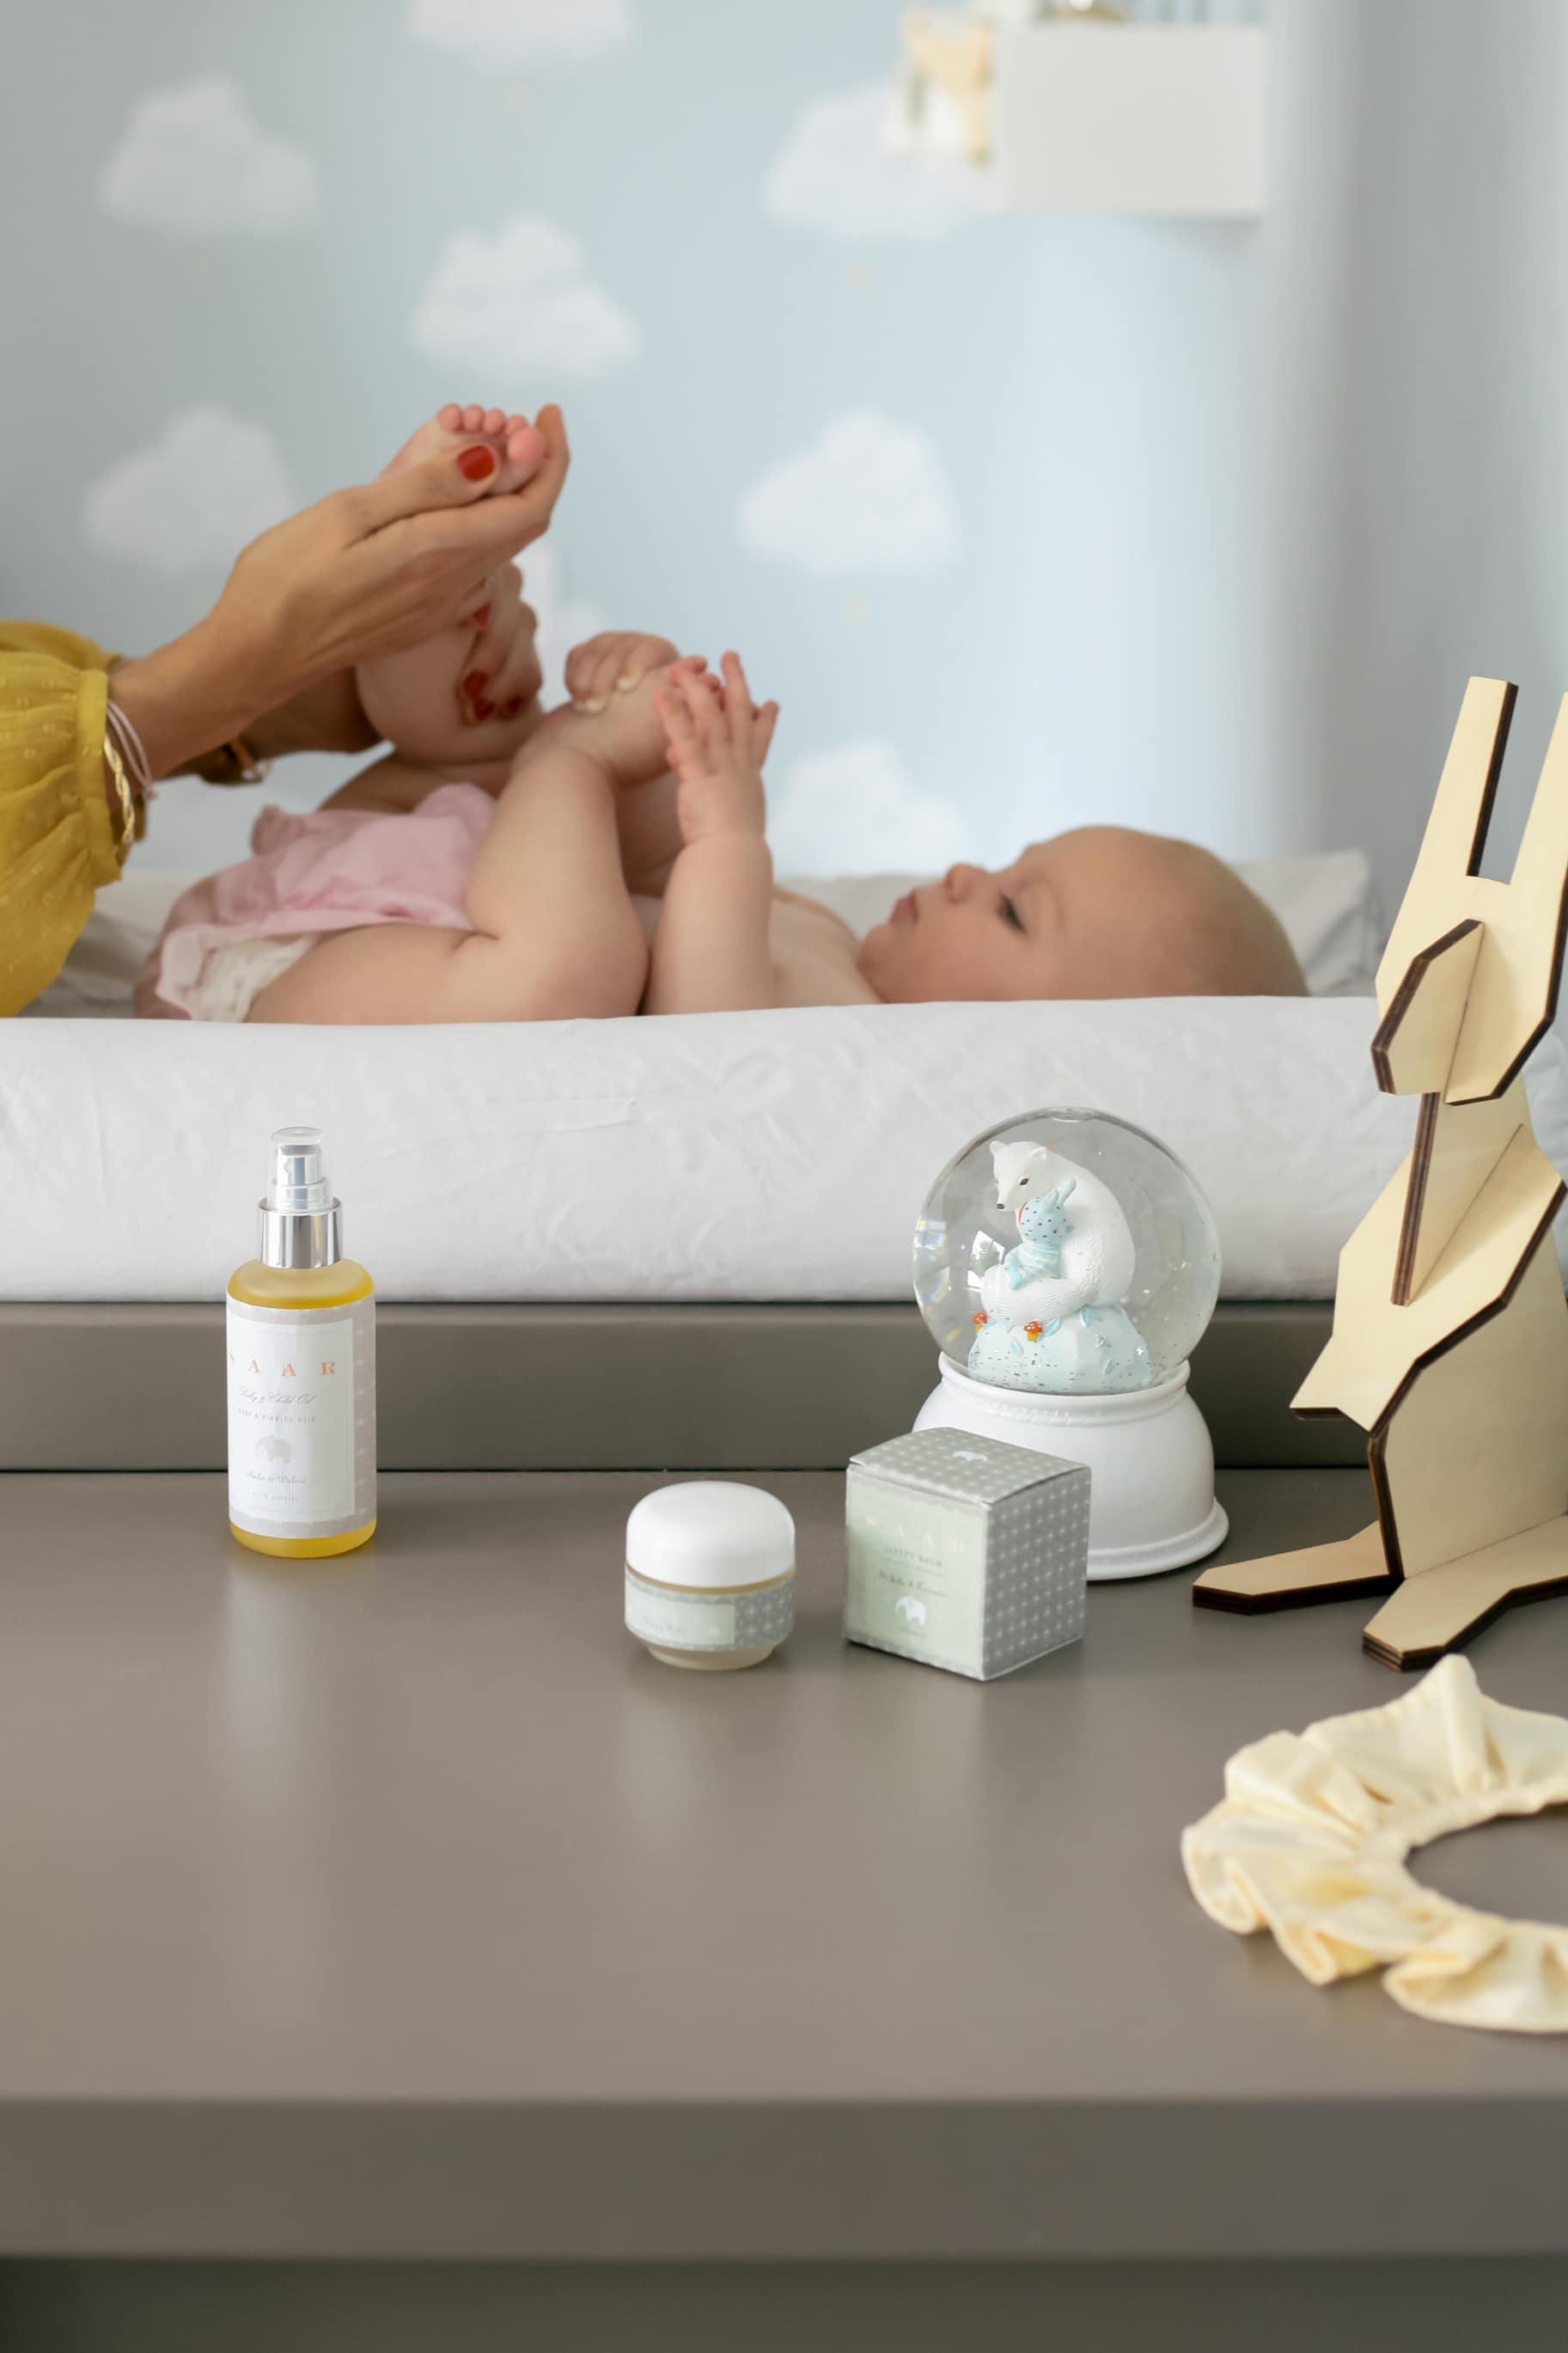 Masser son bébé : un bonheur à partager sans modération